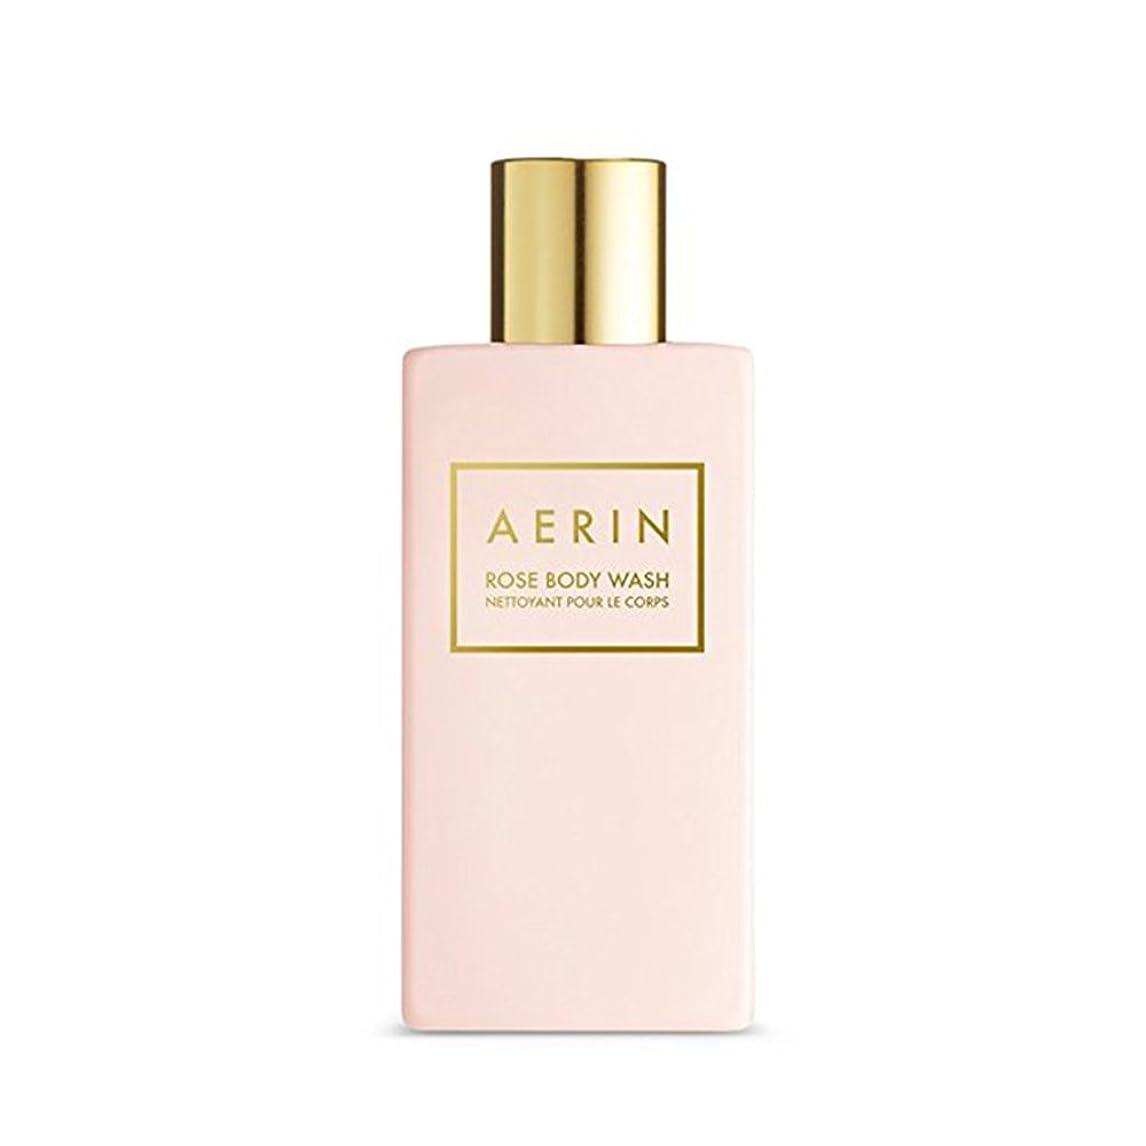 抑圧者とまり木ロンドンAERIN Rose Body Wash(アエリン ローズ ボディー ウオッシュ) 7.6 oz (225ml) by Estee Lauder